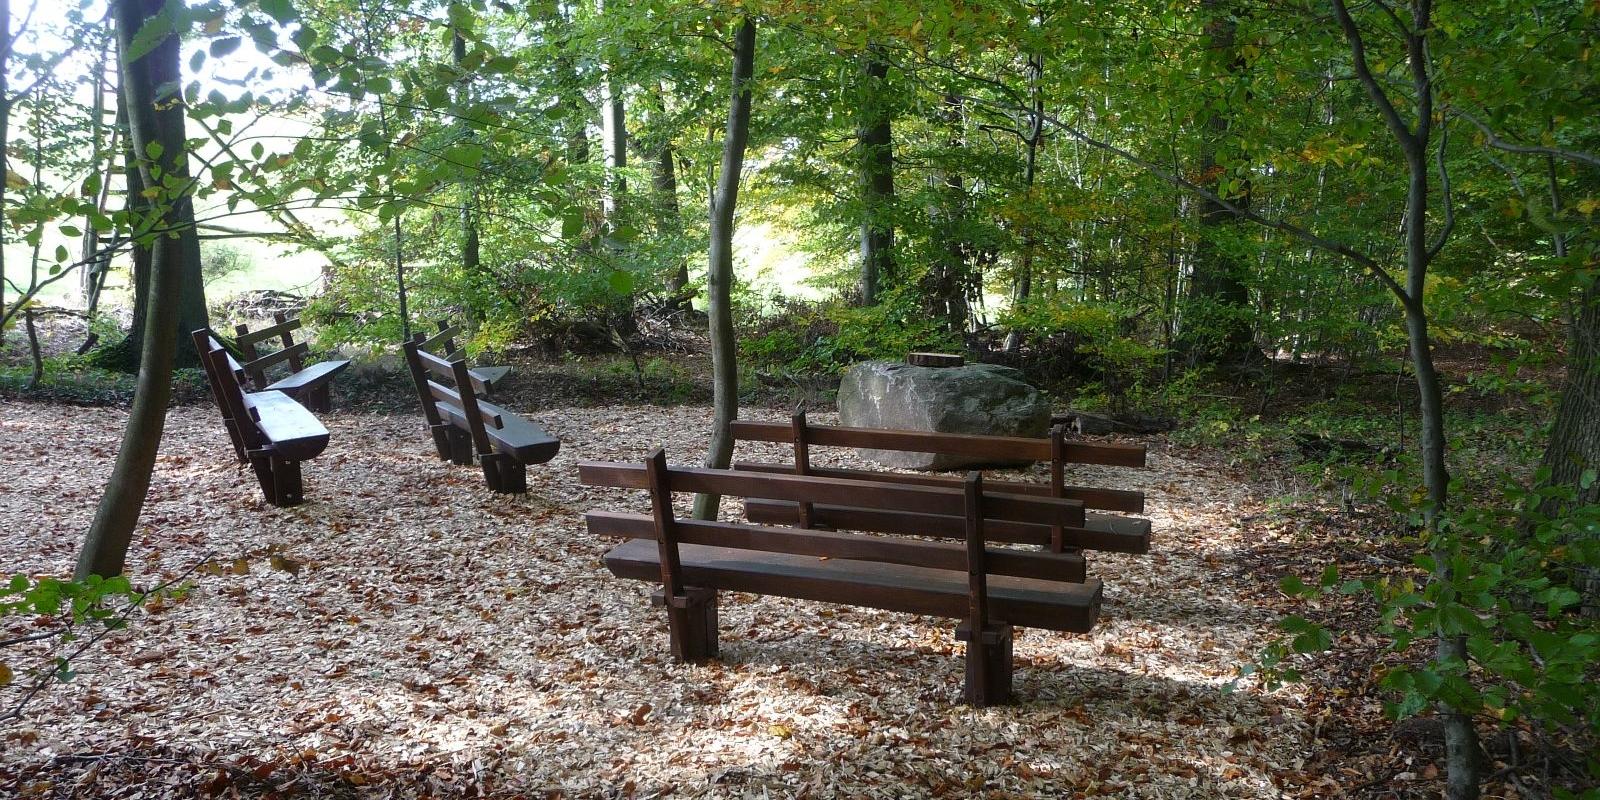 Gedächtnisplatz im Bestattungswald 12 Apostel